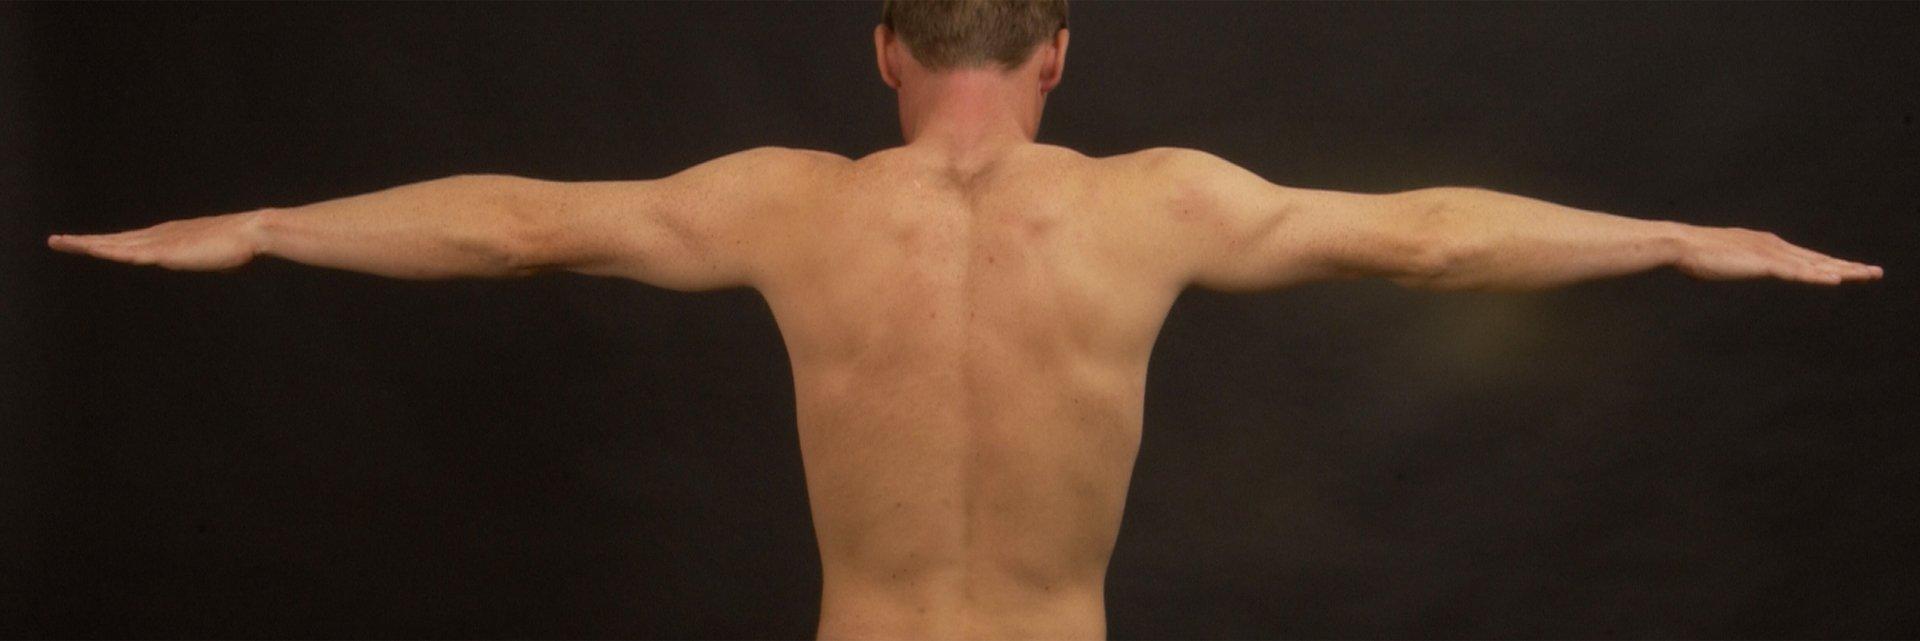 Chiropractic treatment devon